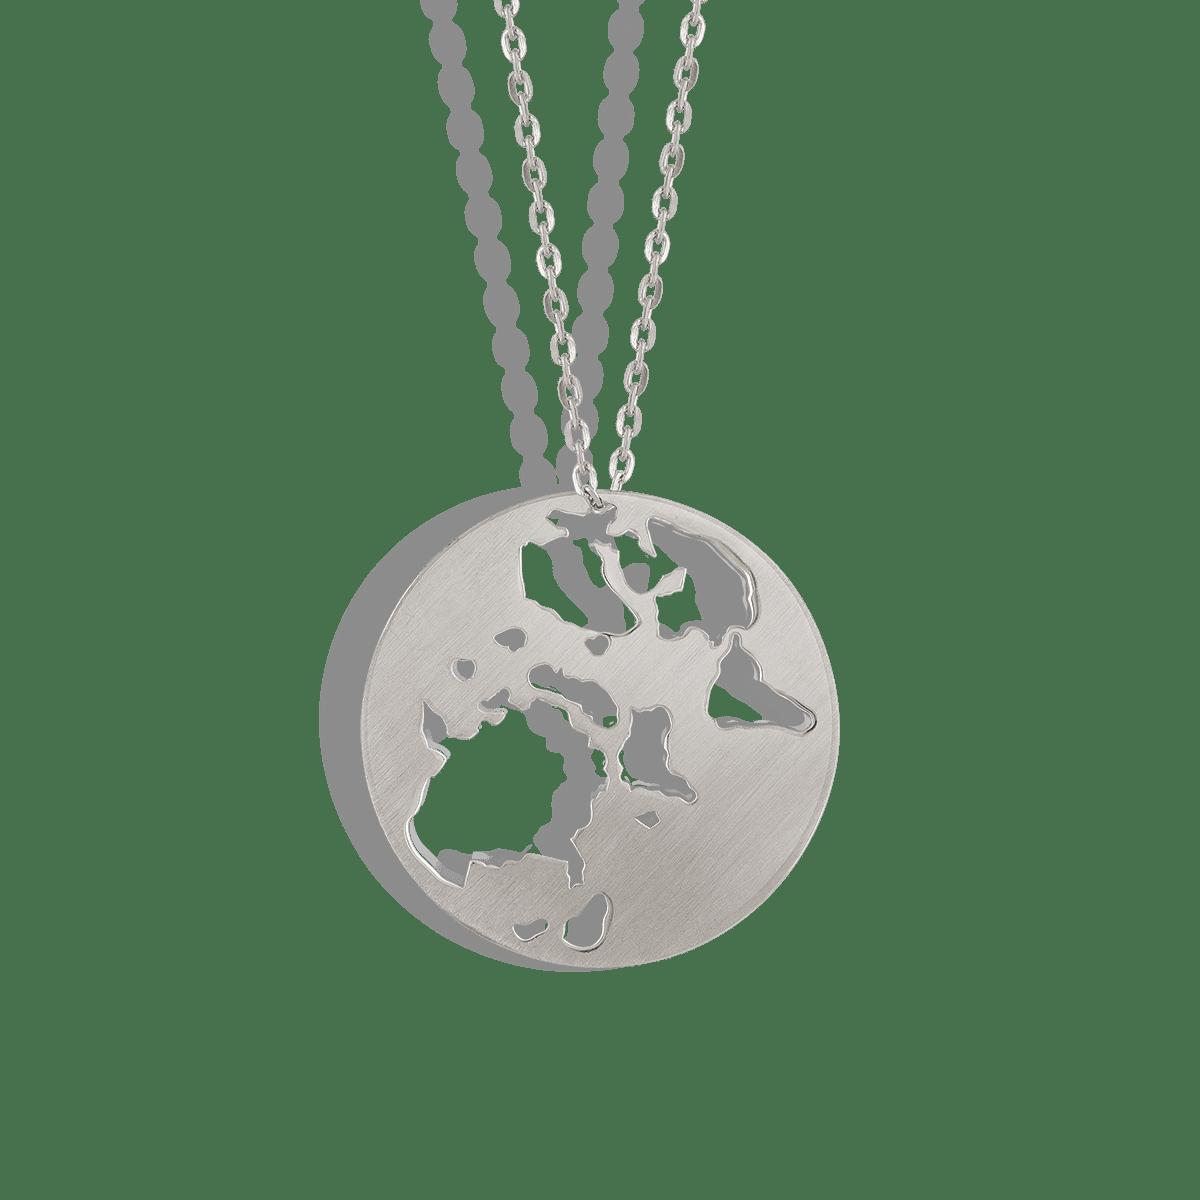 گردنبند نقره ورلد World